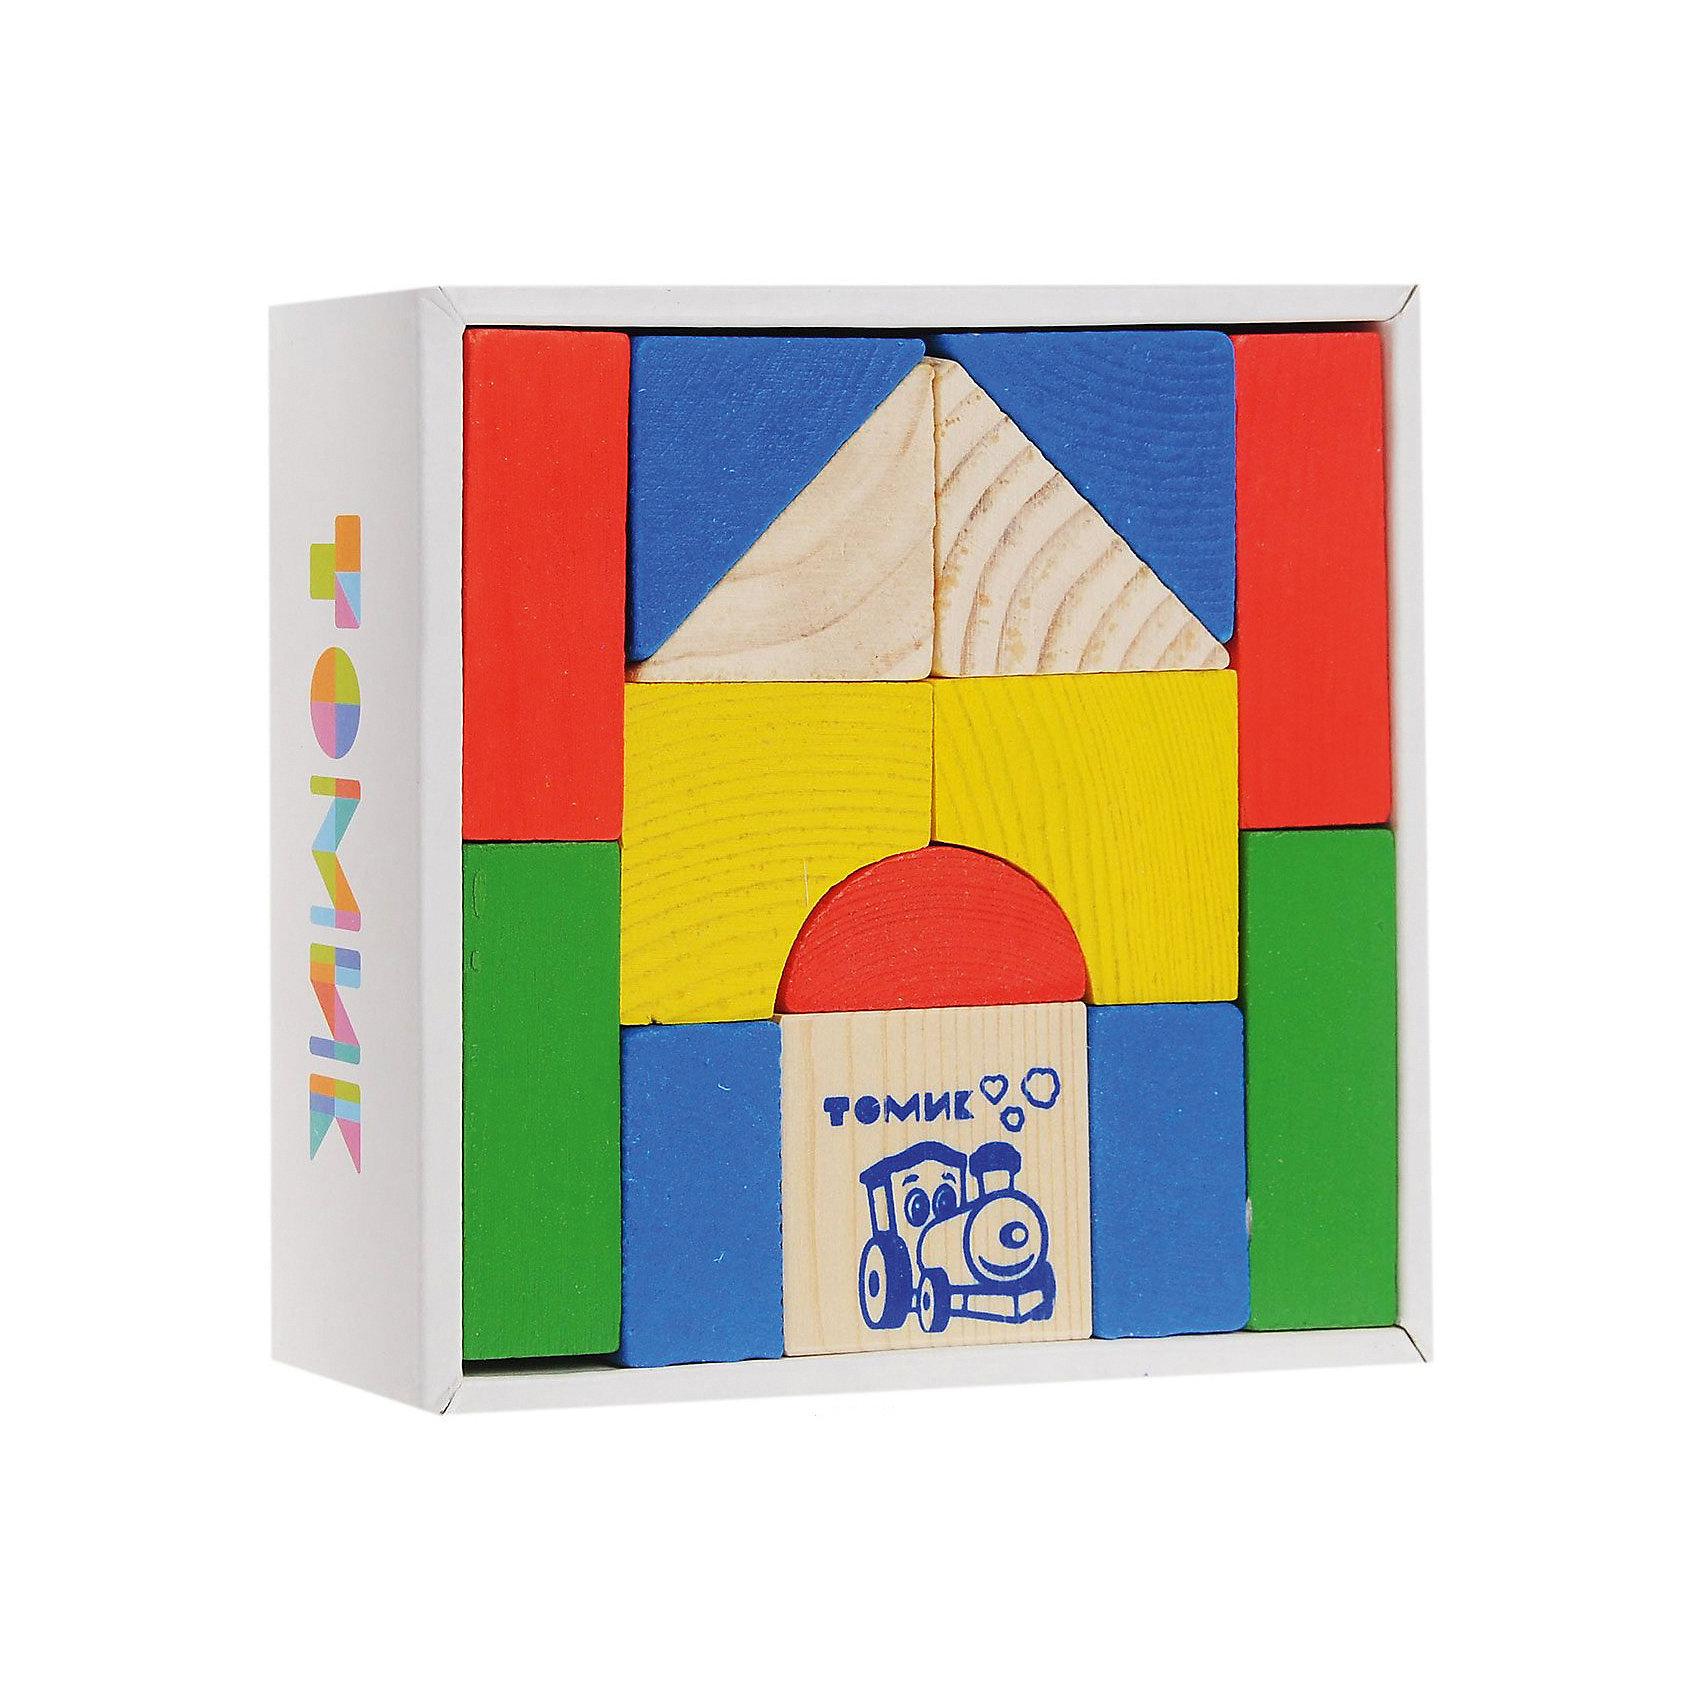 Томик Конструктор   Цветной, 14 деталей,  Томик томик деревянный конструктор цветной 26 деталей